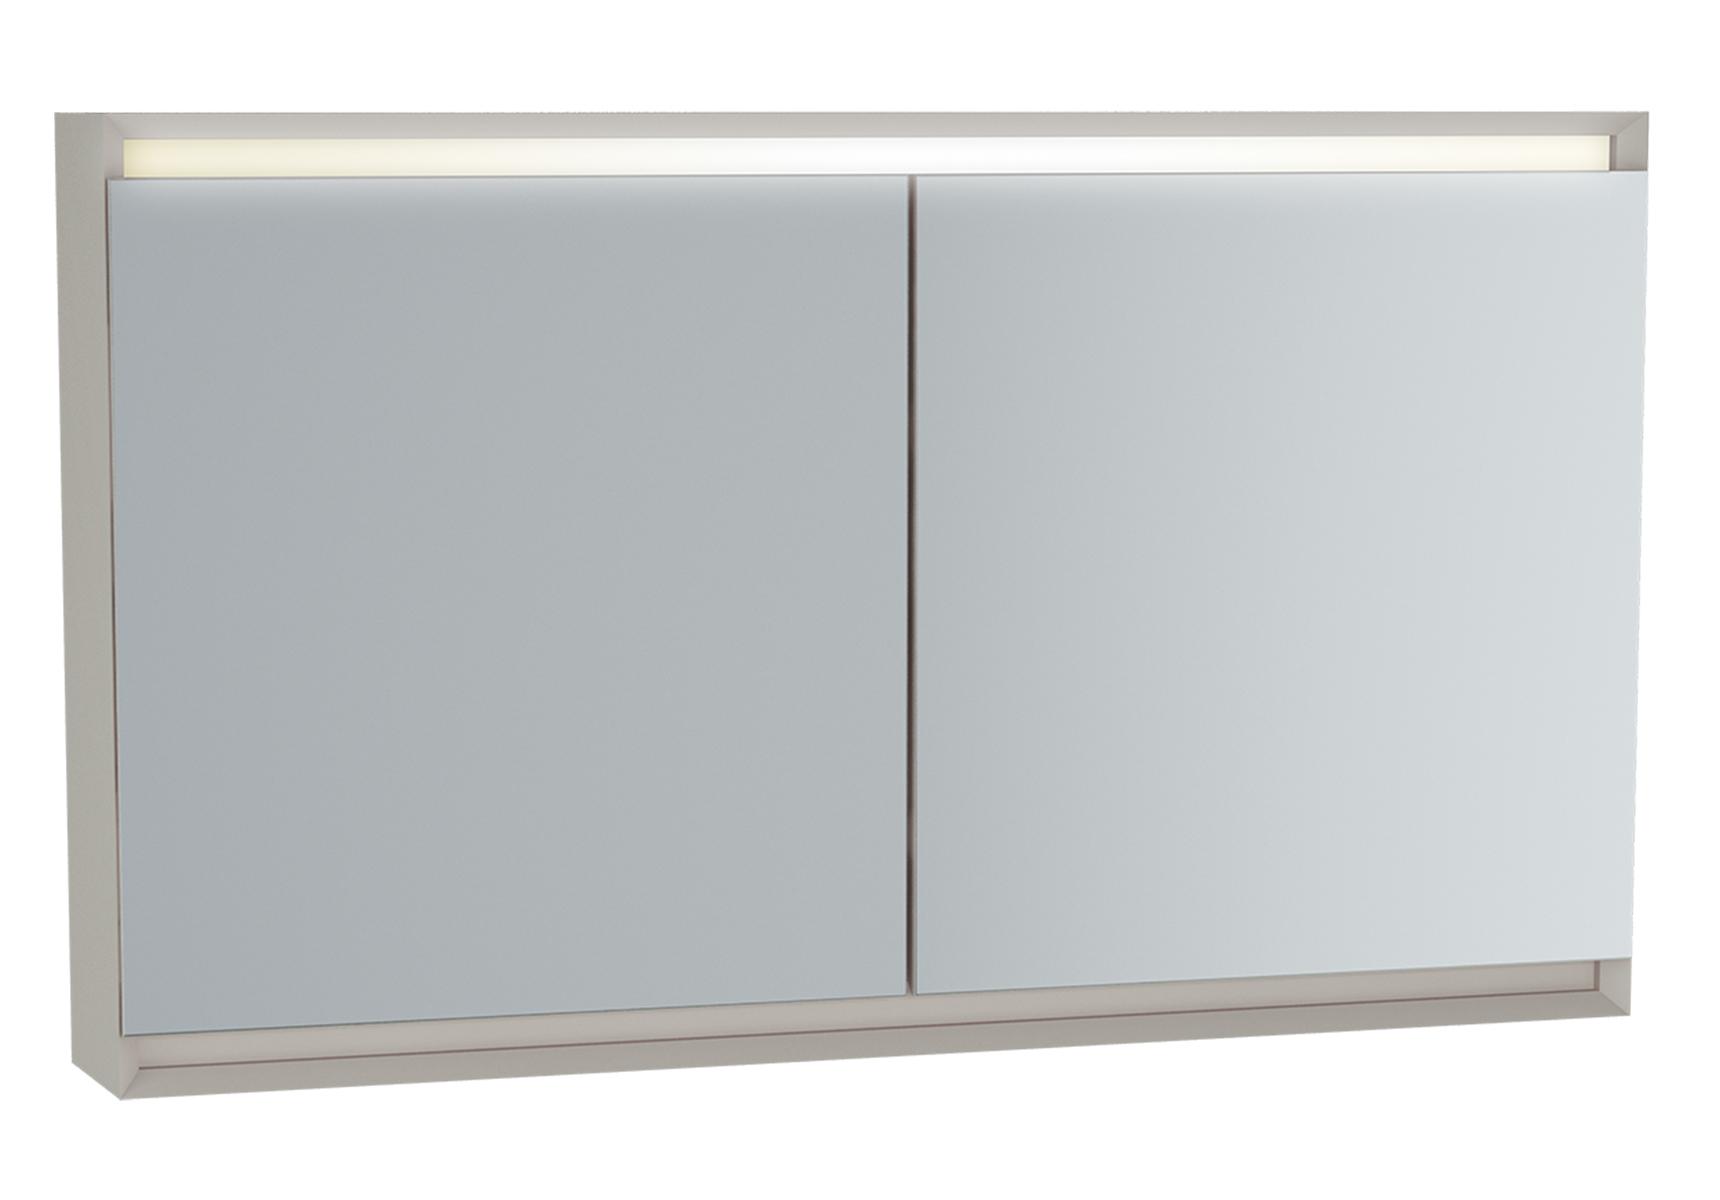 Frame armoire de toilette, 120 cm, éclairage LED horizontale, 2 portes, mat taupe